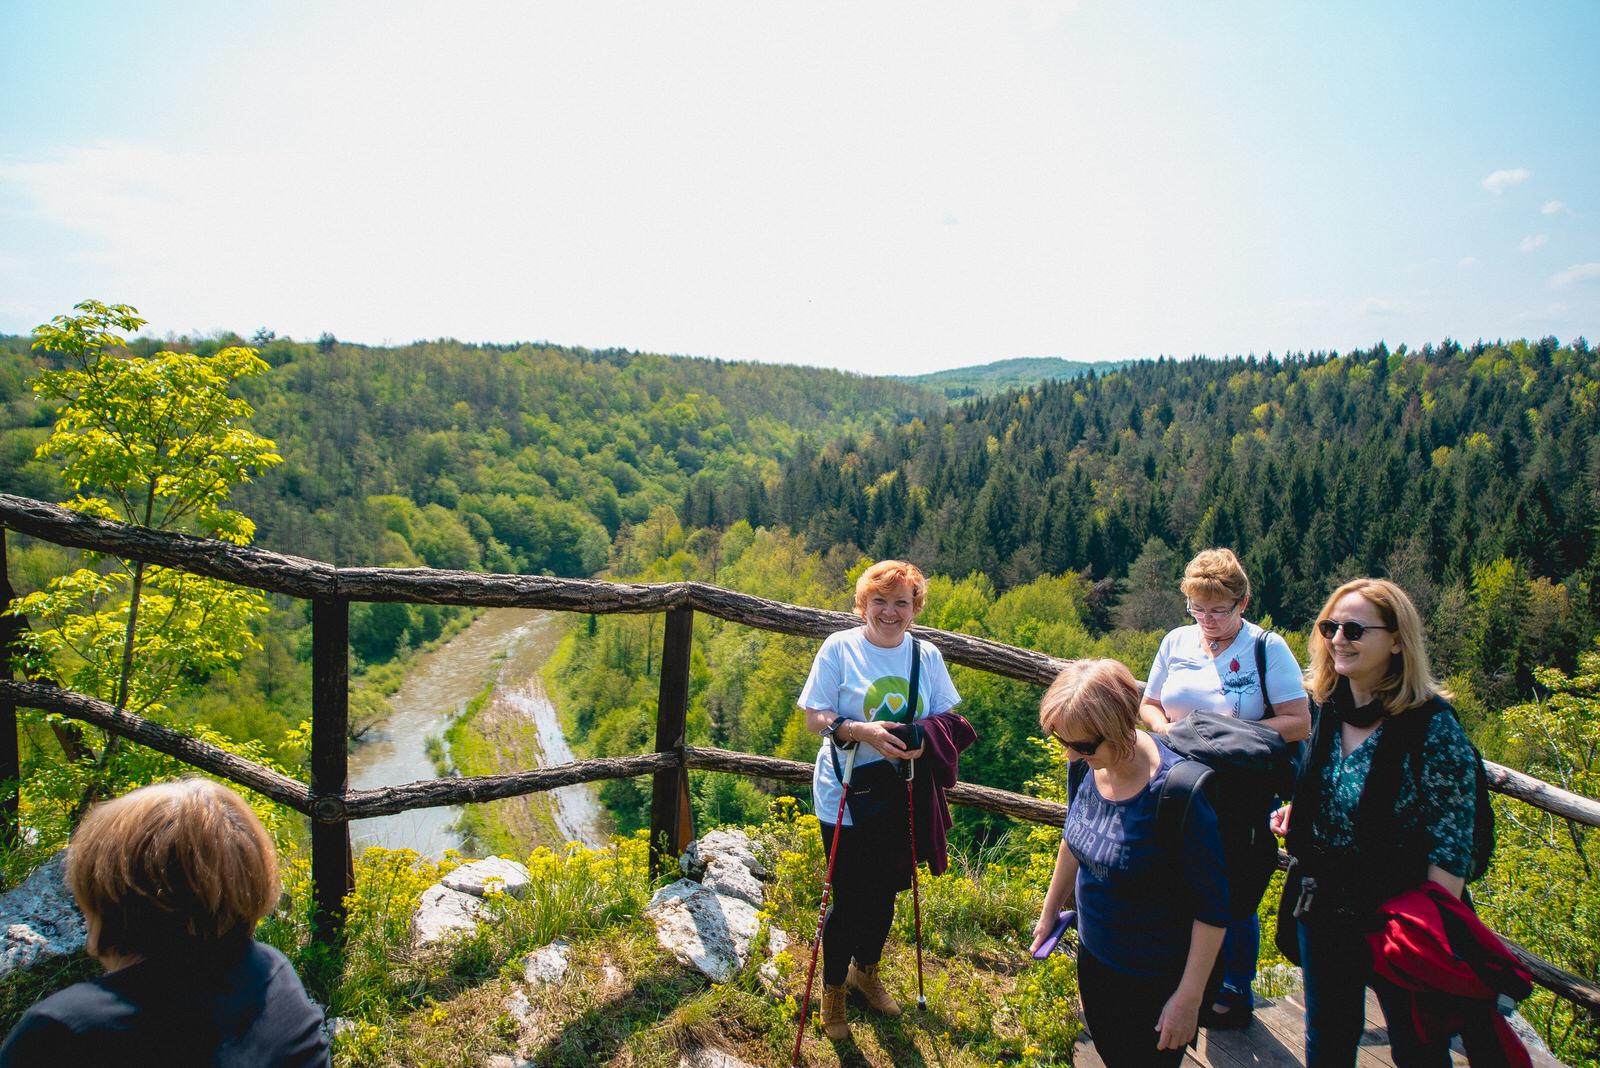 likaclub_slunj_rastoke_5-festival-nordijskog-hodanja_2019-77